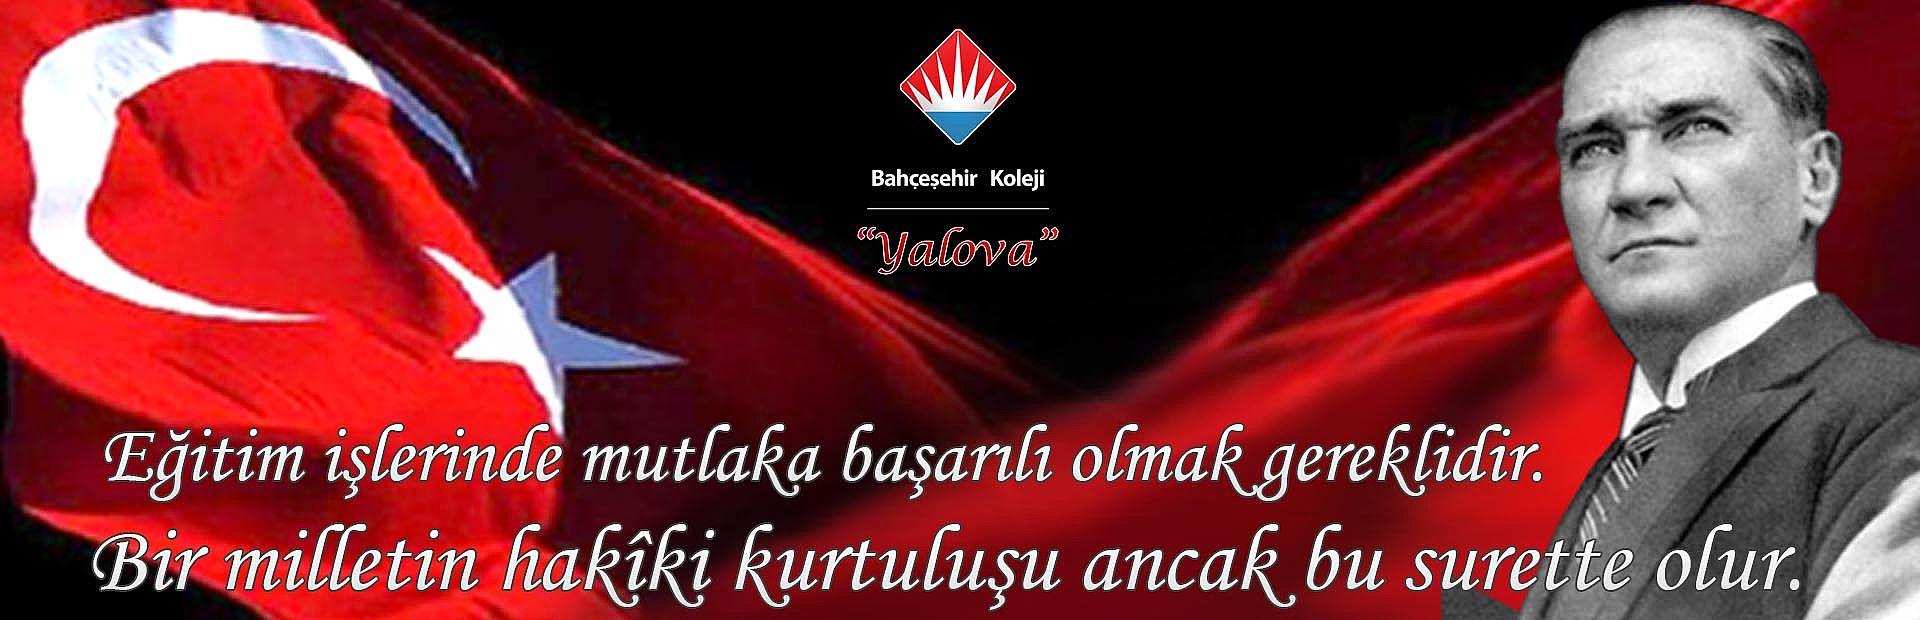 Yalova Bahçeşehir Koleji Arşiv Servisi